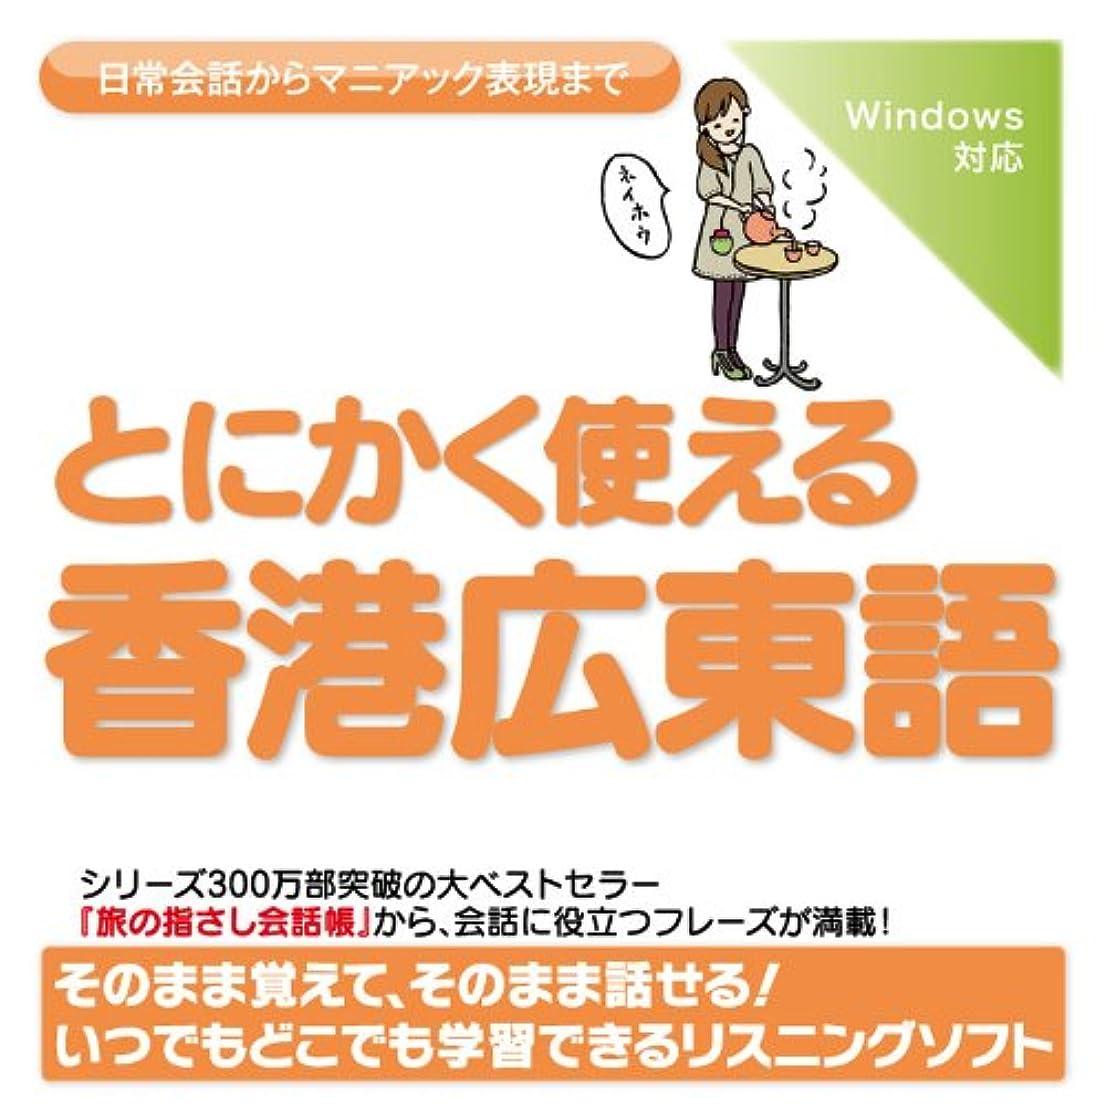 メッセージシンポジウムチューインガムiPodでとにかく使える香港広東語【ダウンロード版】 Windows版 [ダウンロード]